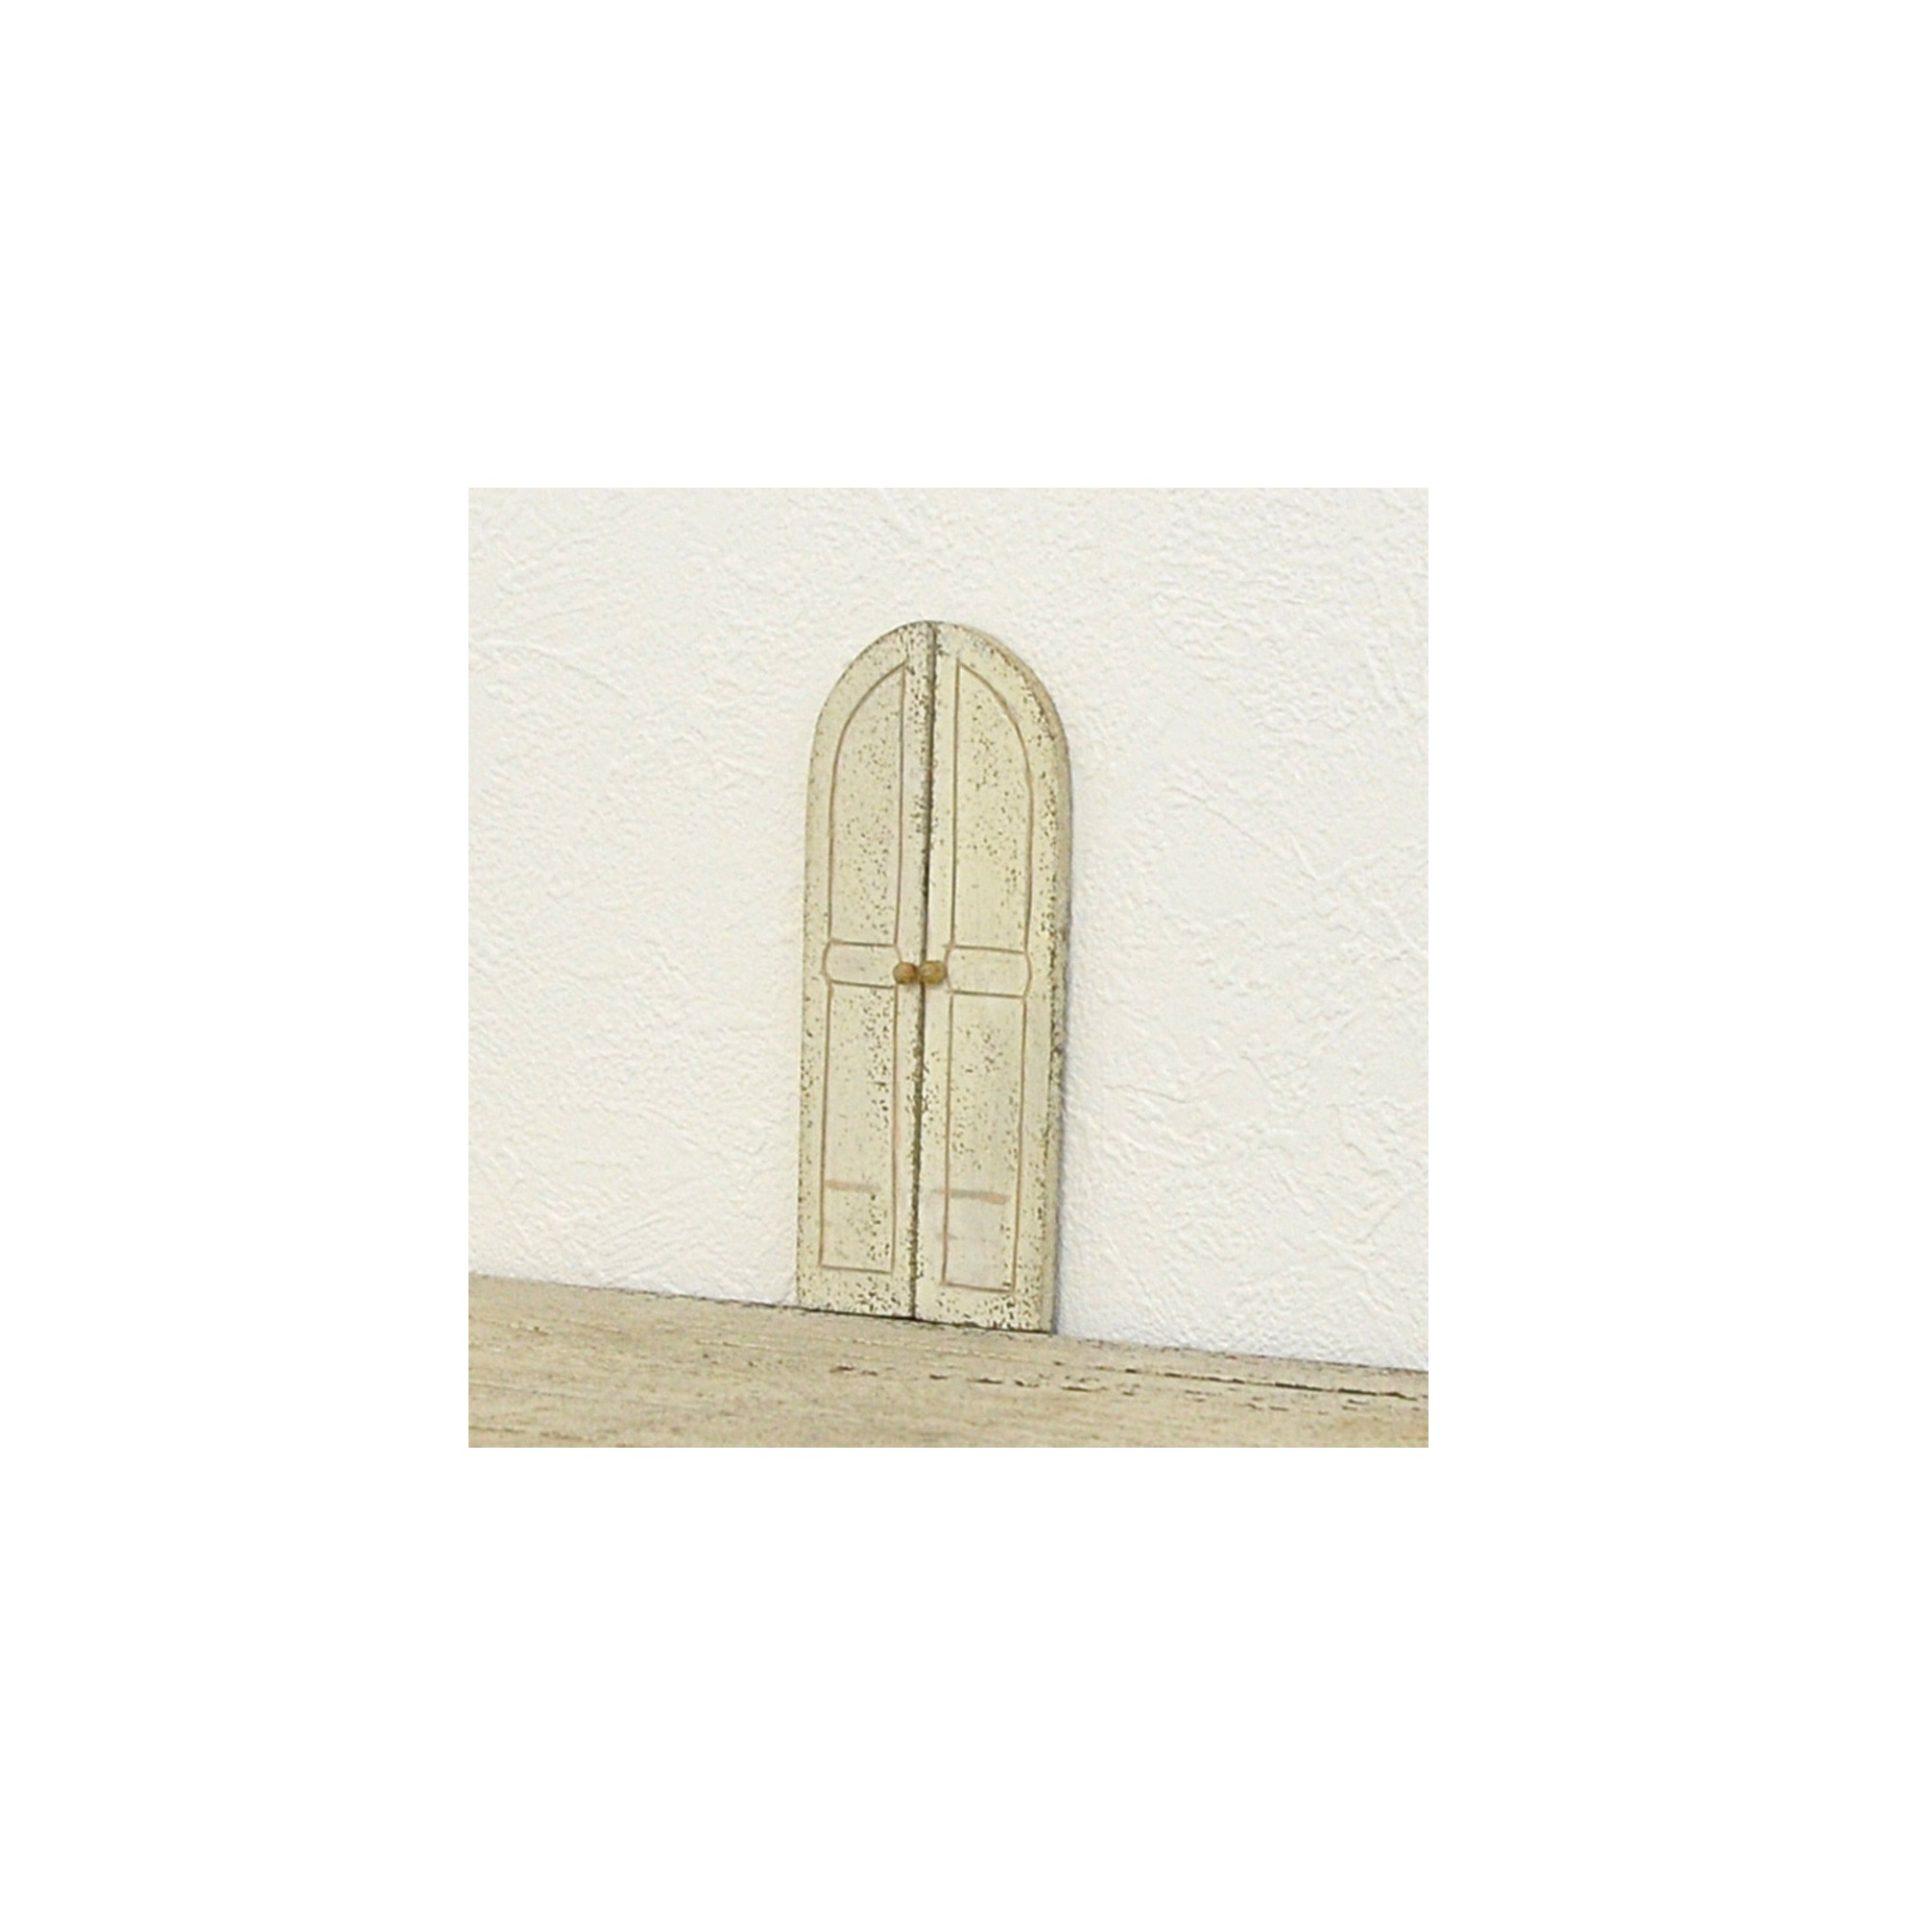 《ミニチュア》 アーチ型ドア